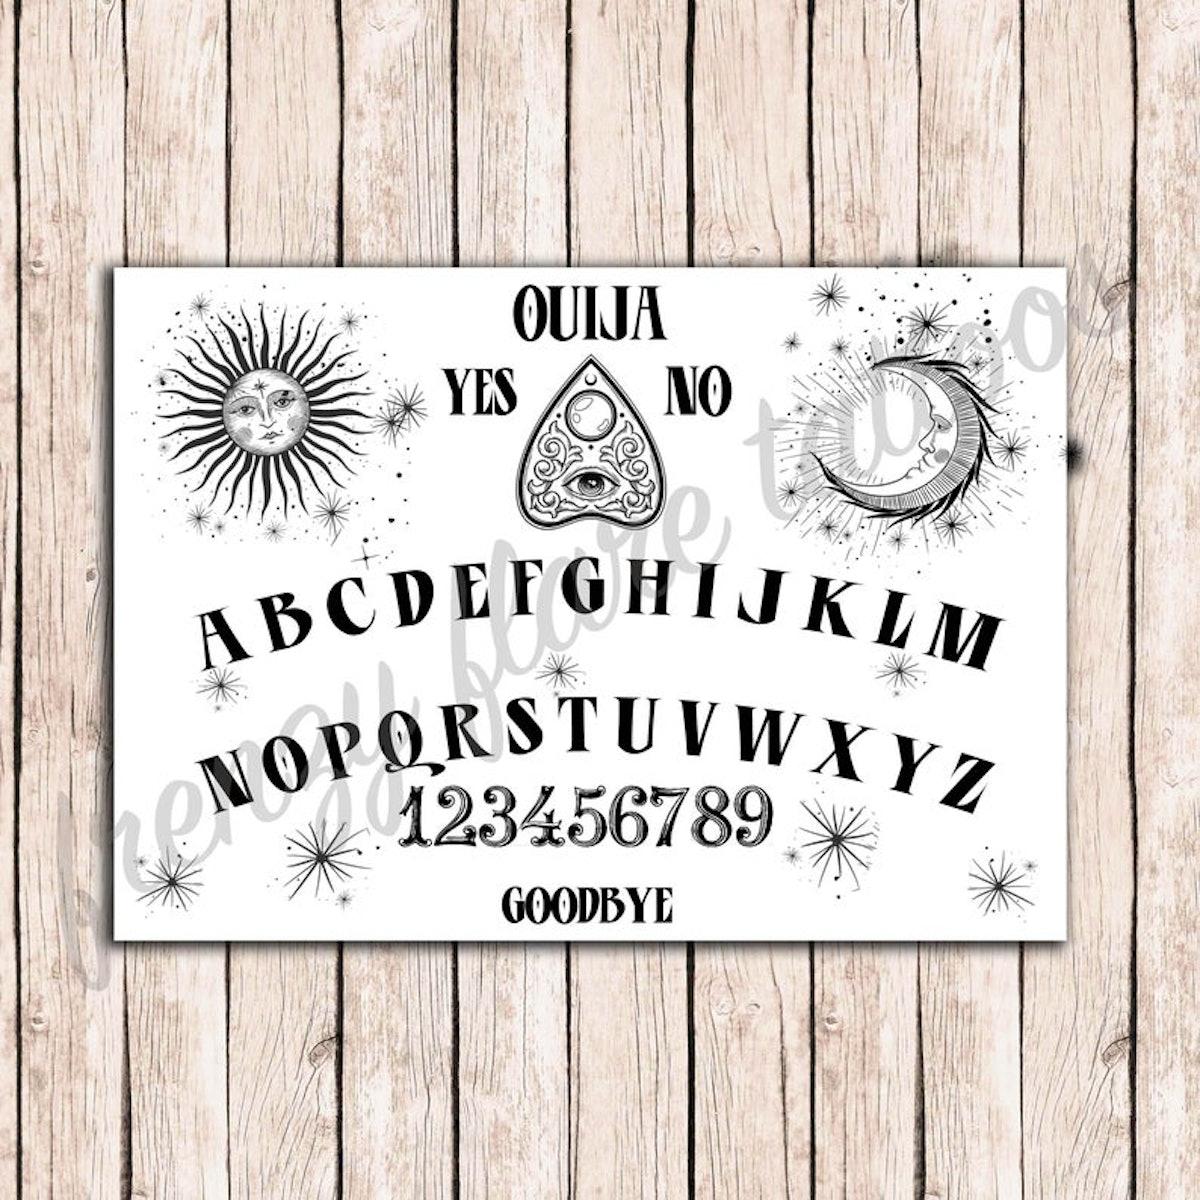 Ouija Board Temporary Tattoos